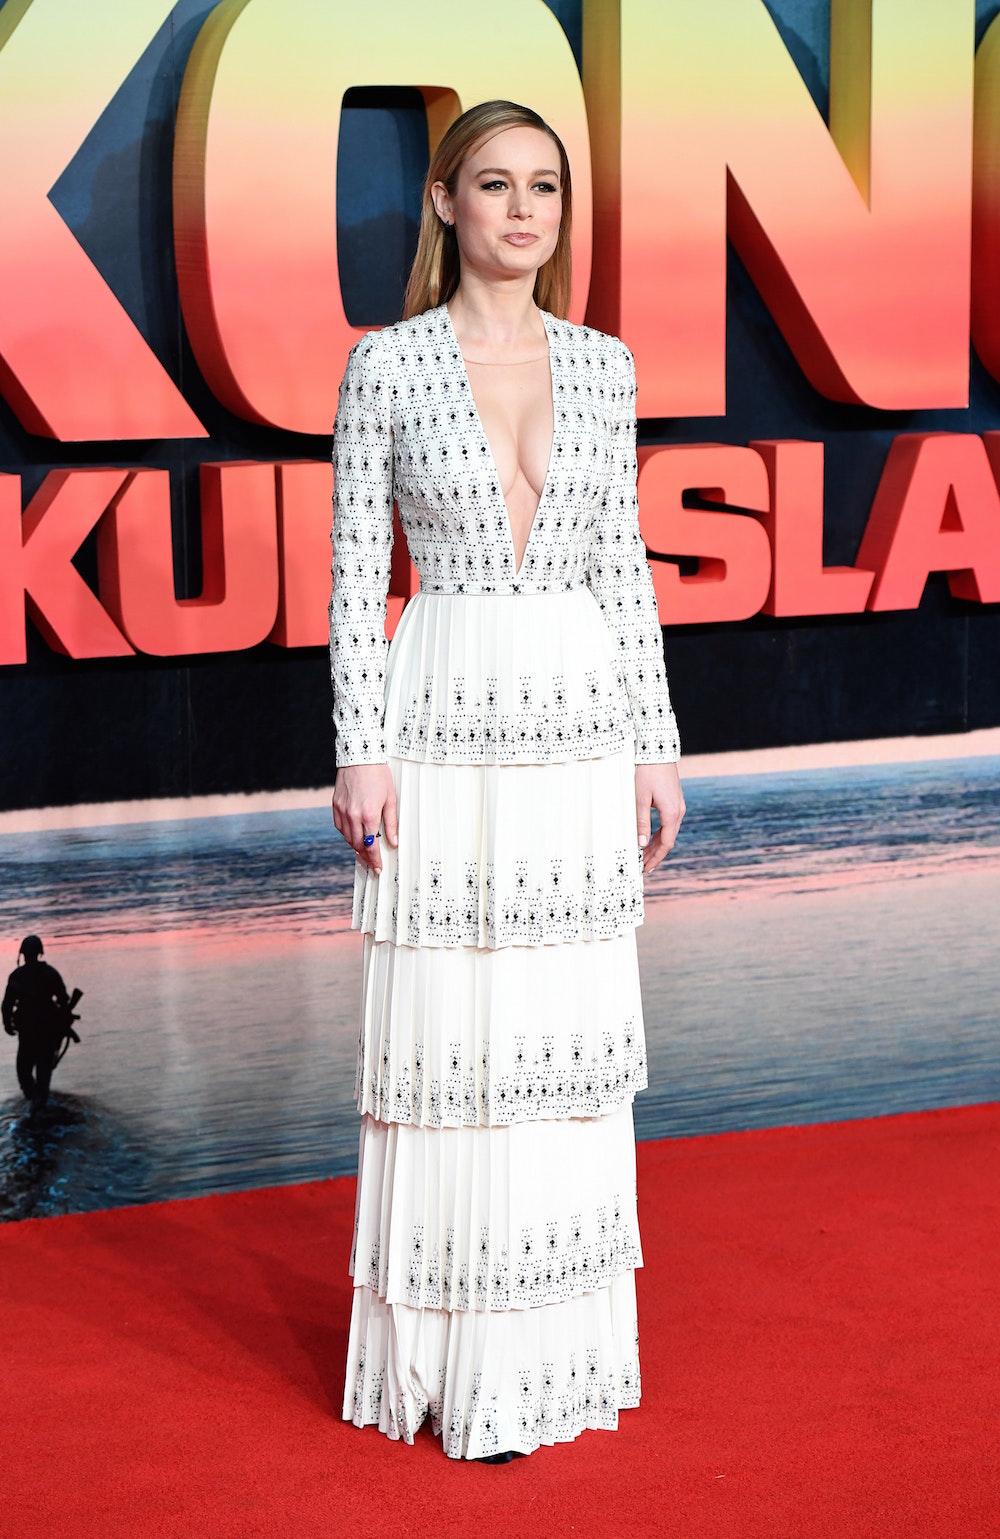 Classic White Column Dress